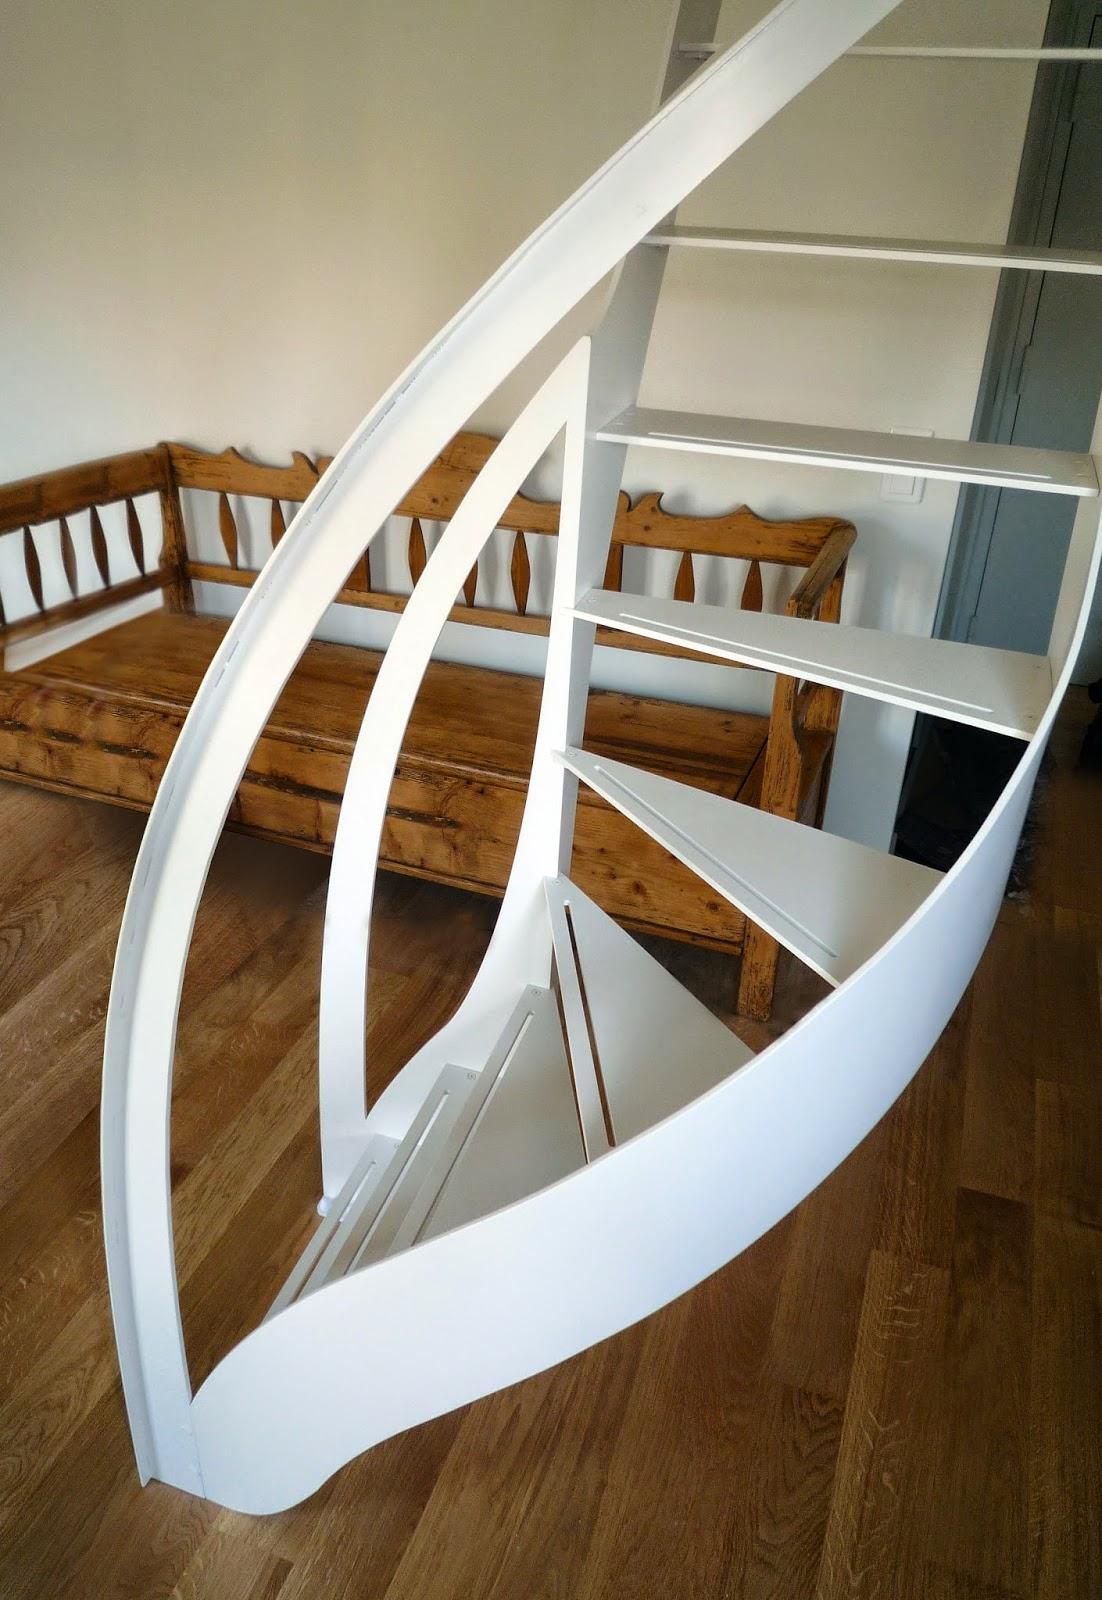 La stylique l 39 escalier design magnifie les courbes for Architecture courbe